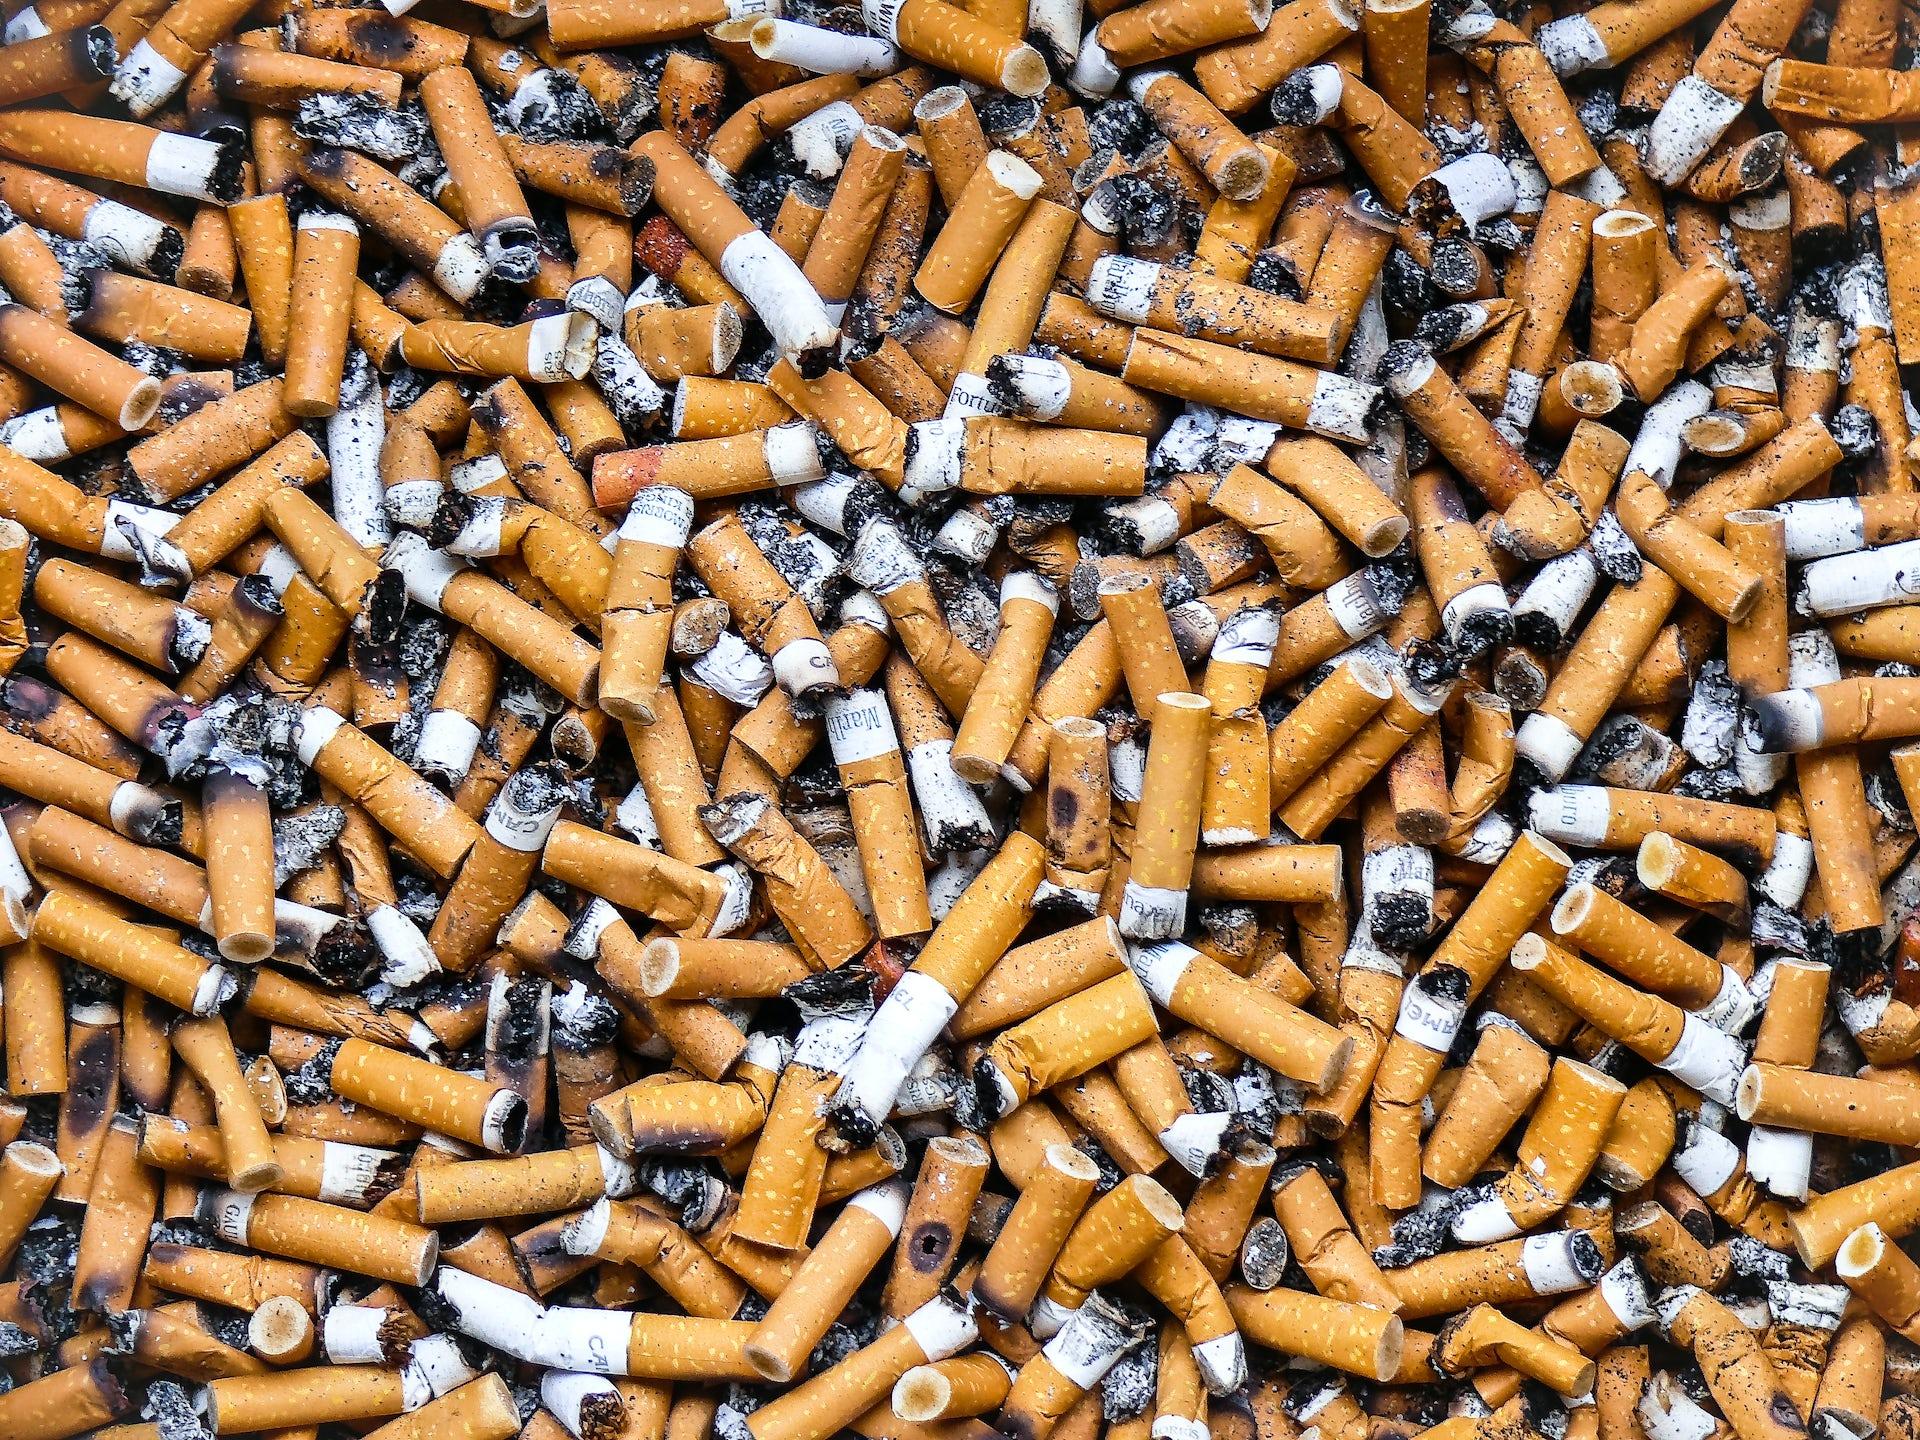 המעשנים העזתים מצאו דרך להכות את חמאס בכיס